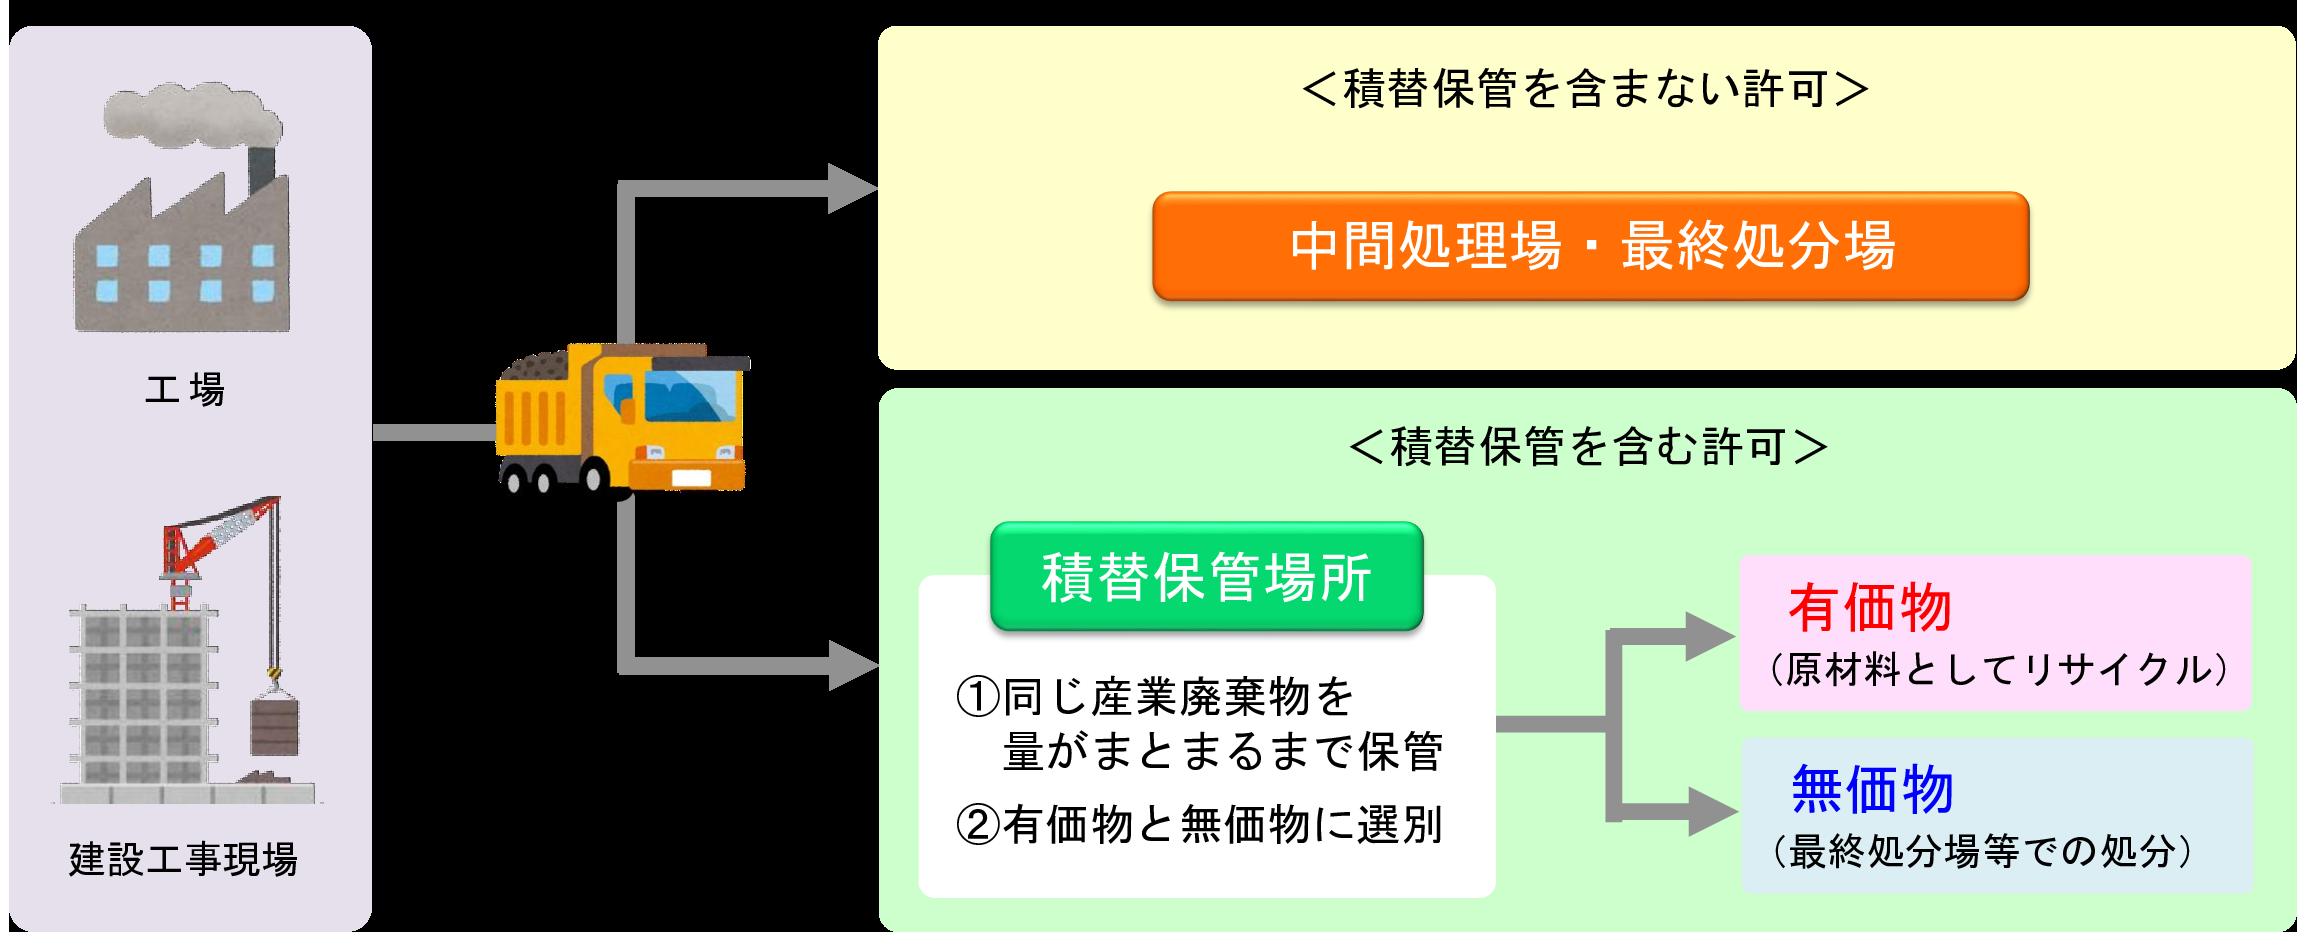 産業廃棄物収集運搬業許可-概要_1 (1)